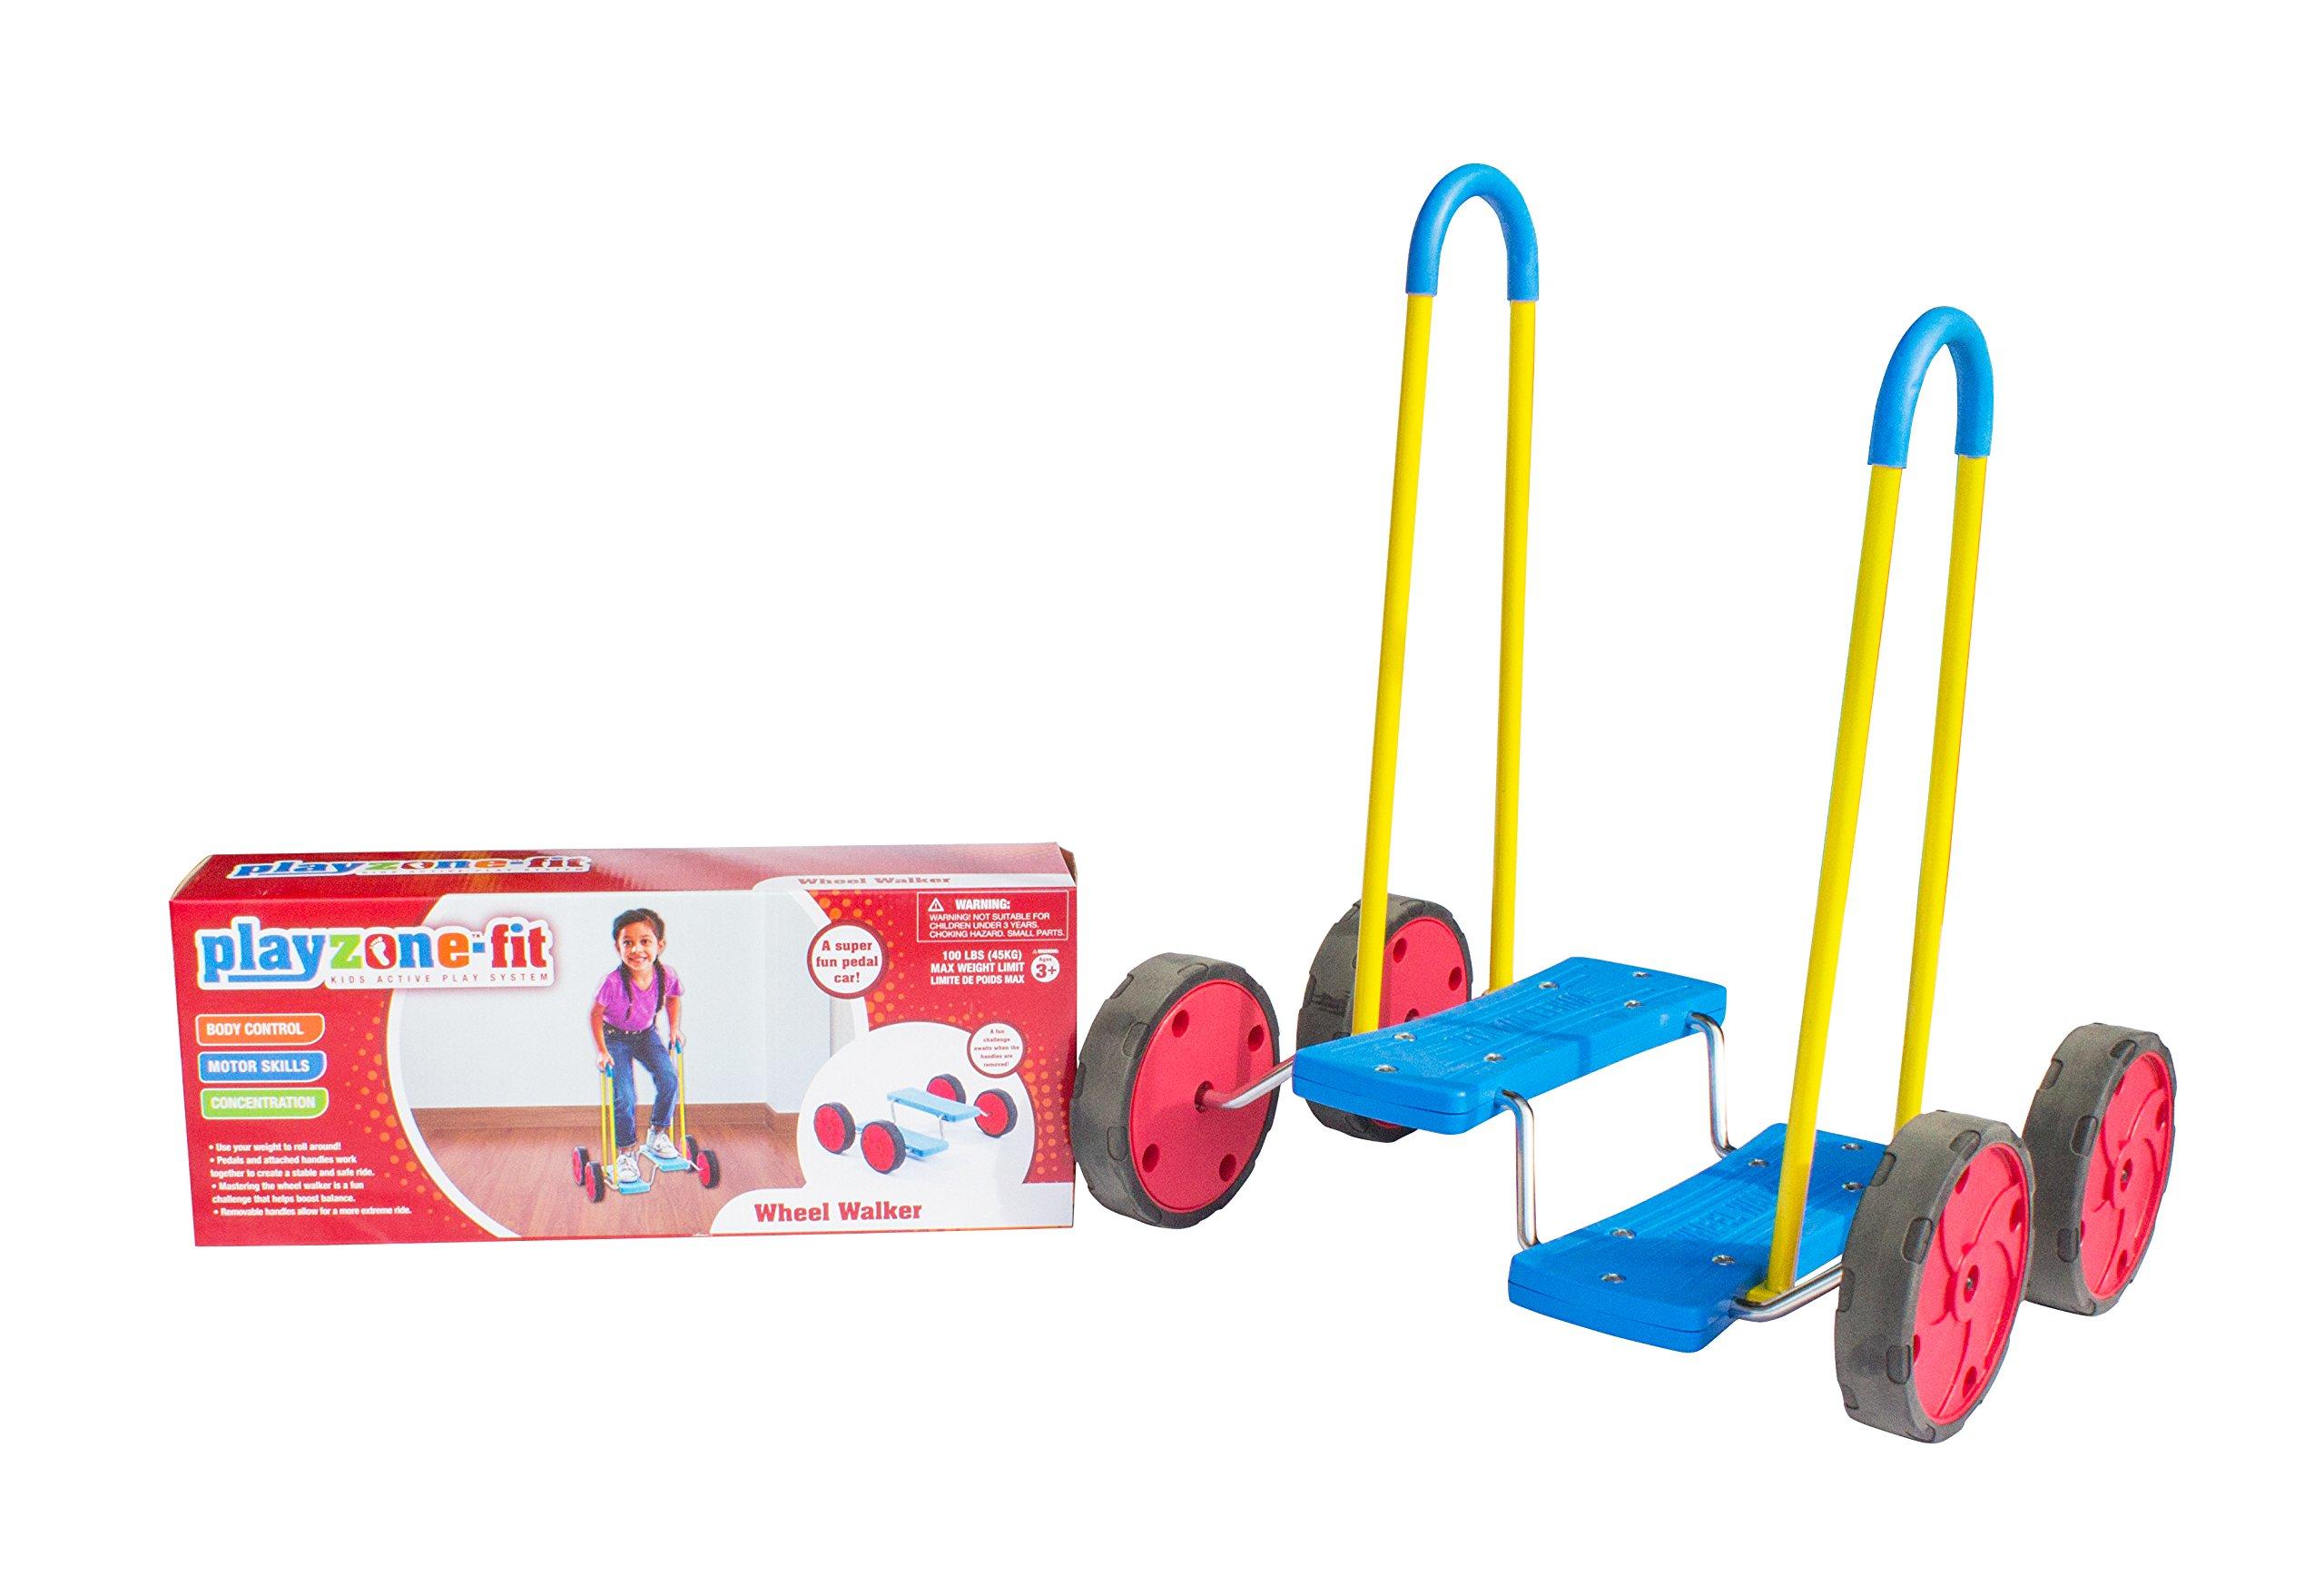 Playzone-Fit Wheel Walker